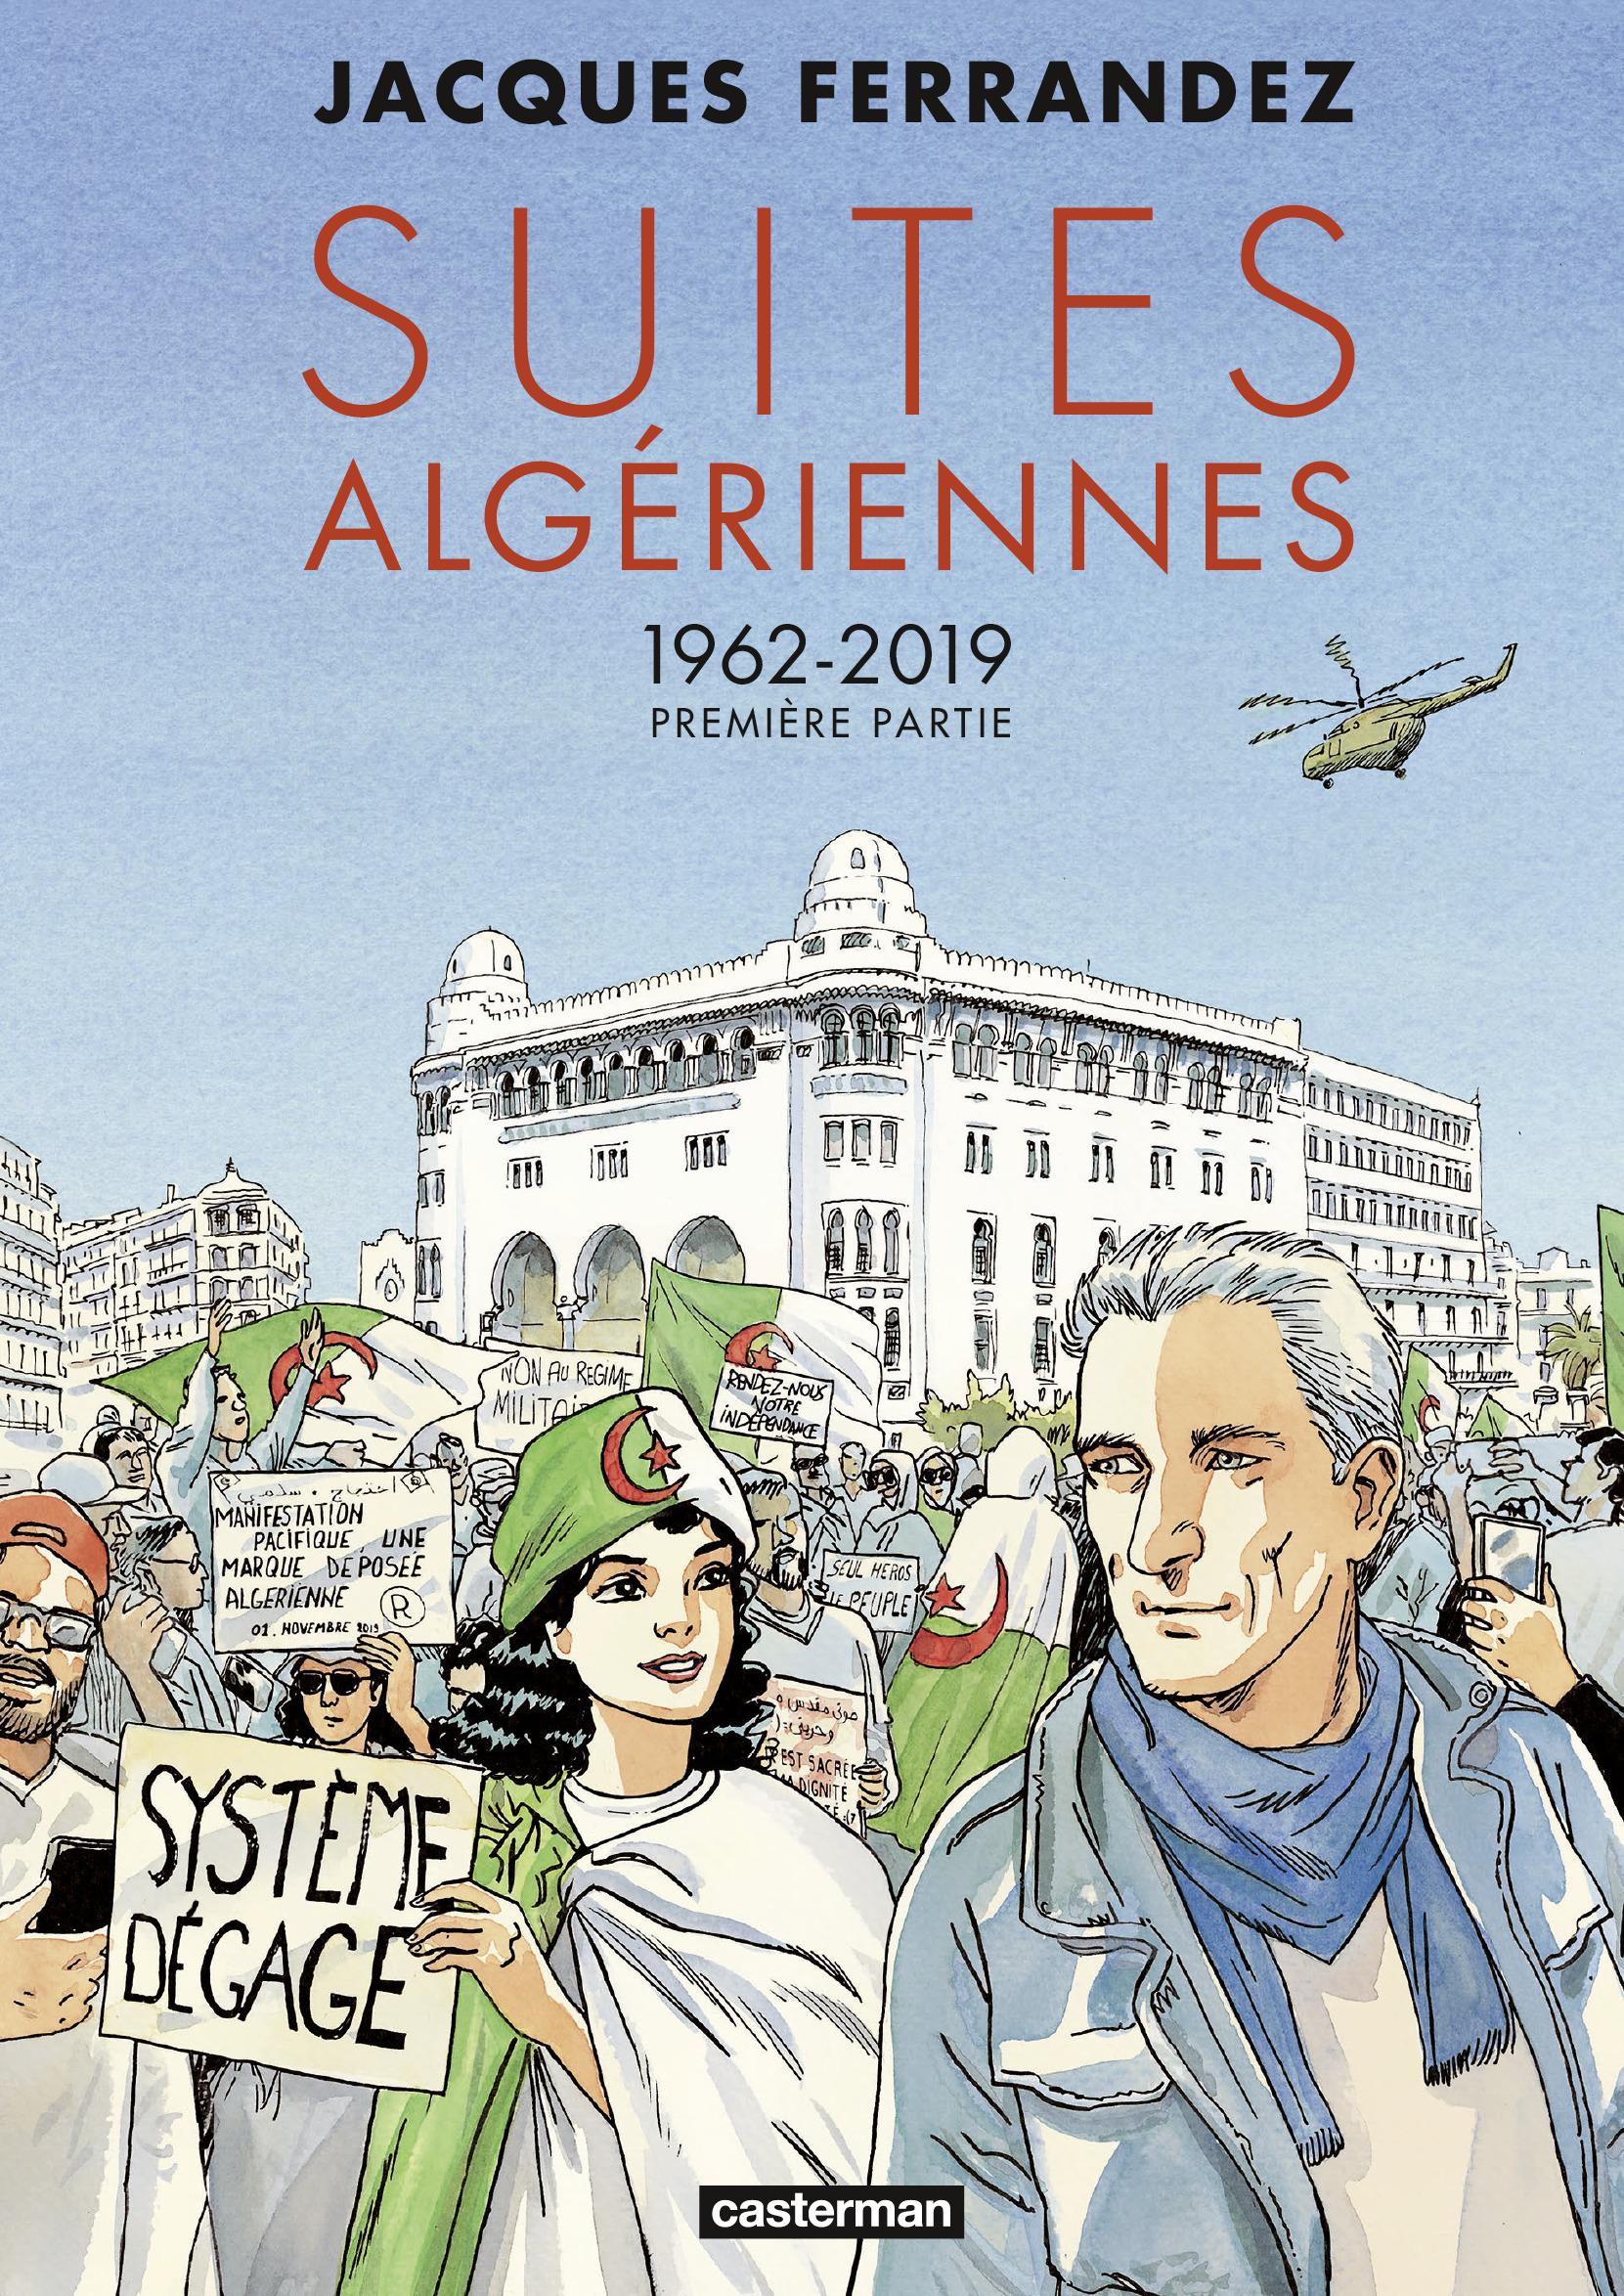 Carnets d'Orients 11 -  Suites algériennes Tome 1 - 1962-2019